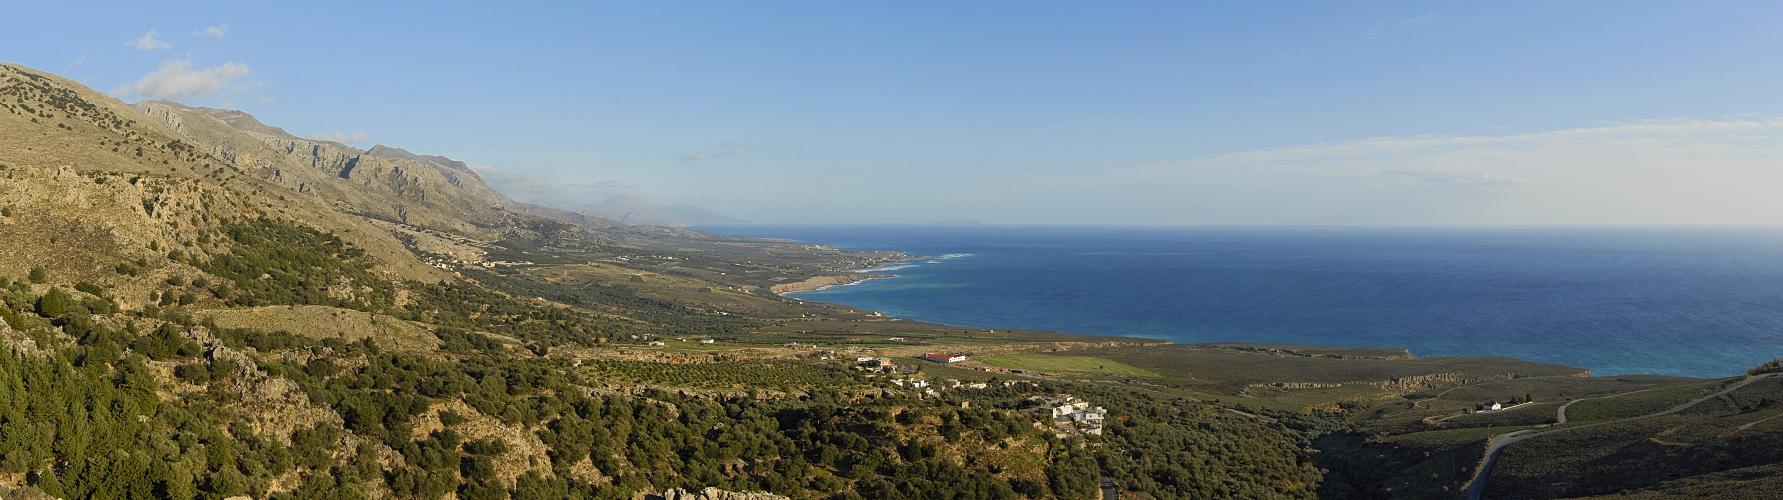 Kreta-2012_12_04-14_54_20 Panorama